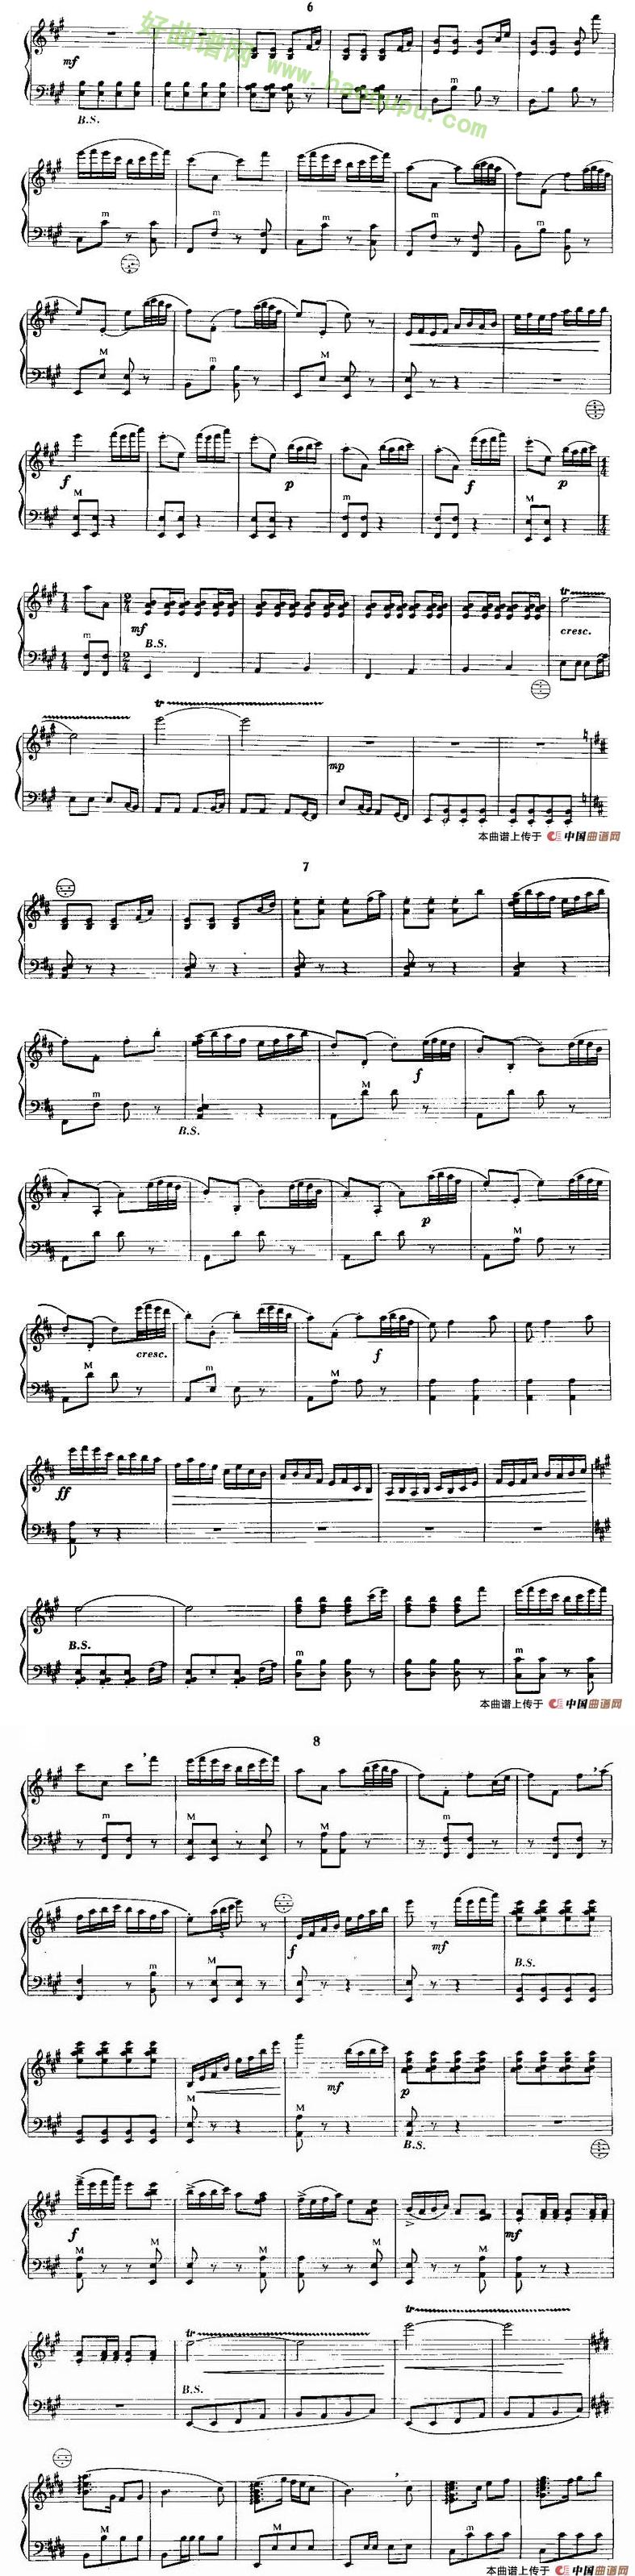 《梁山伯与祝英台》 手风琴曲谱第3张